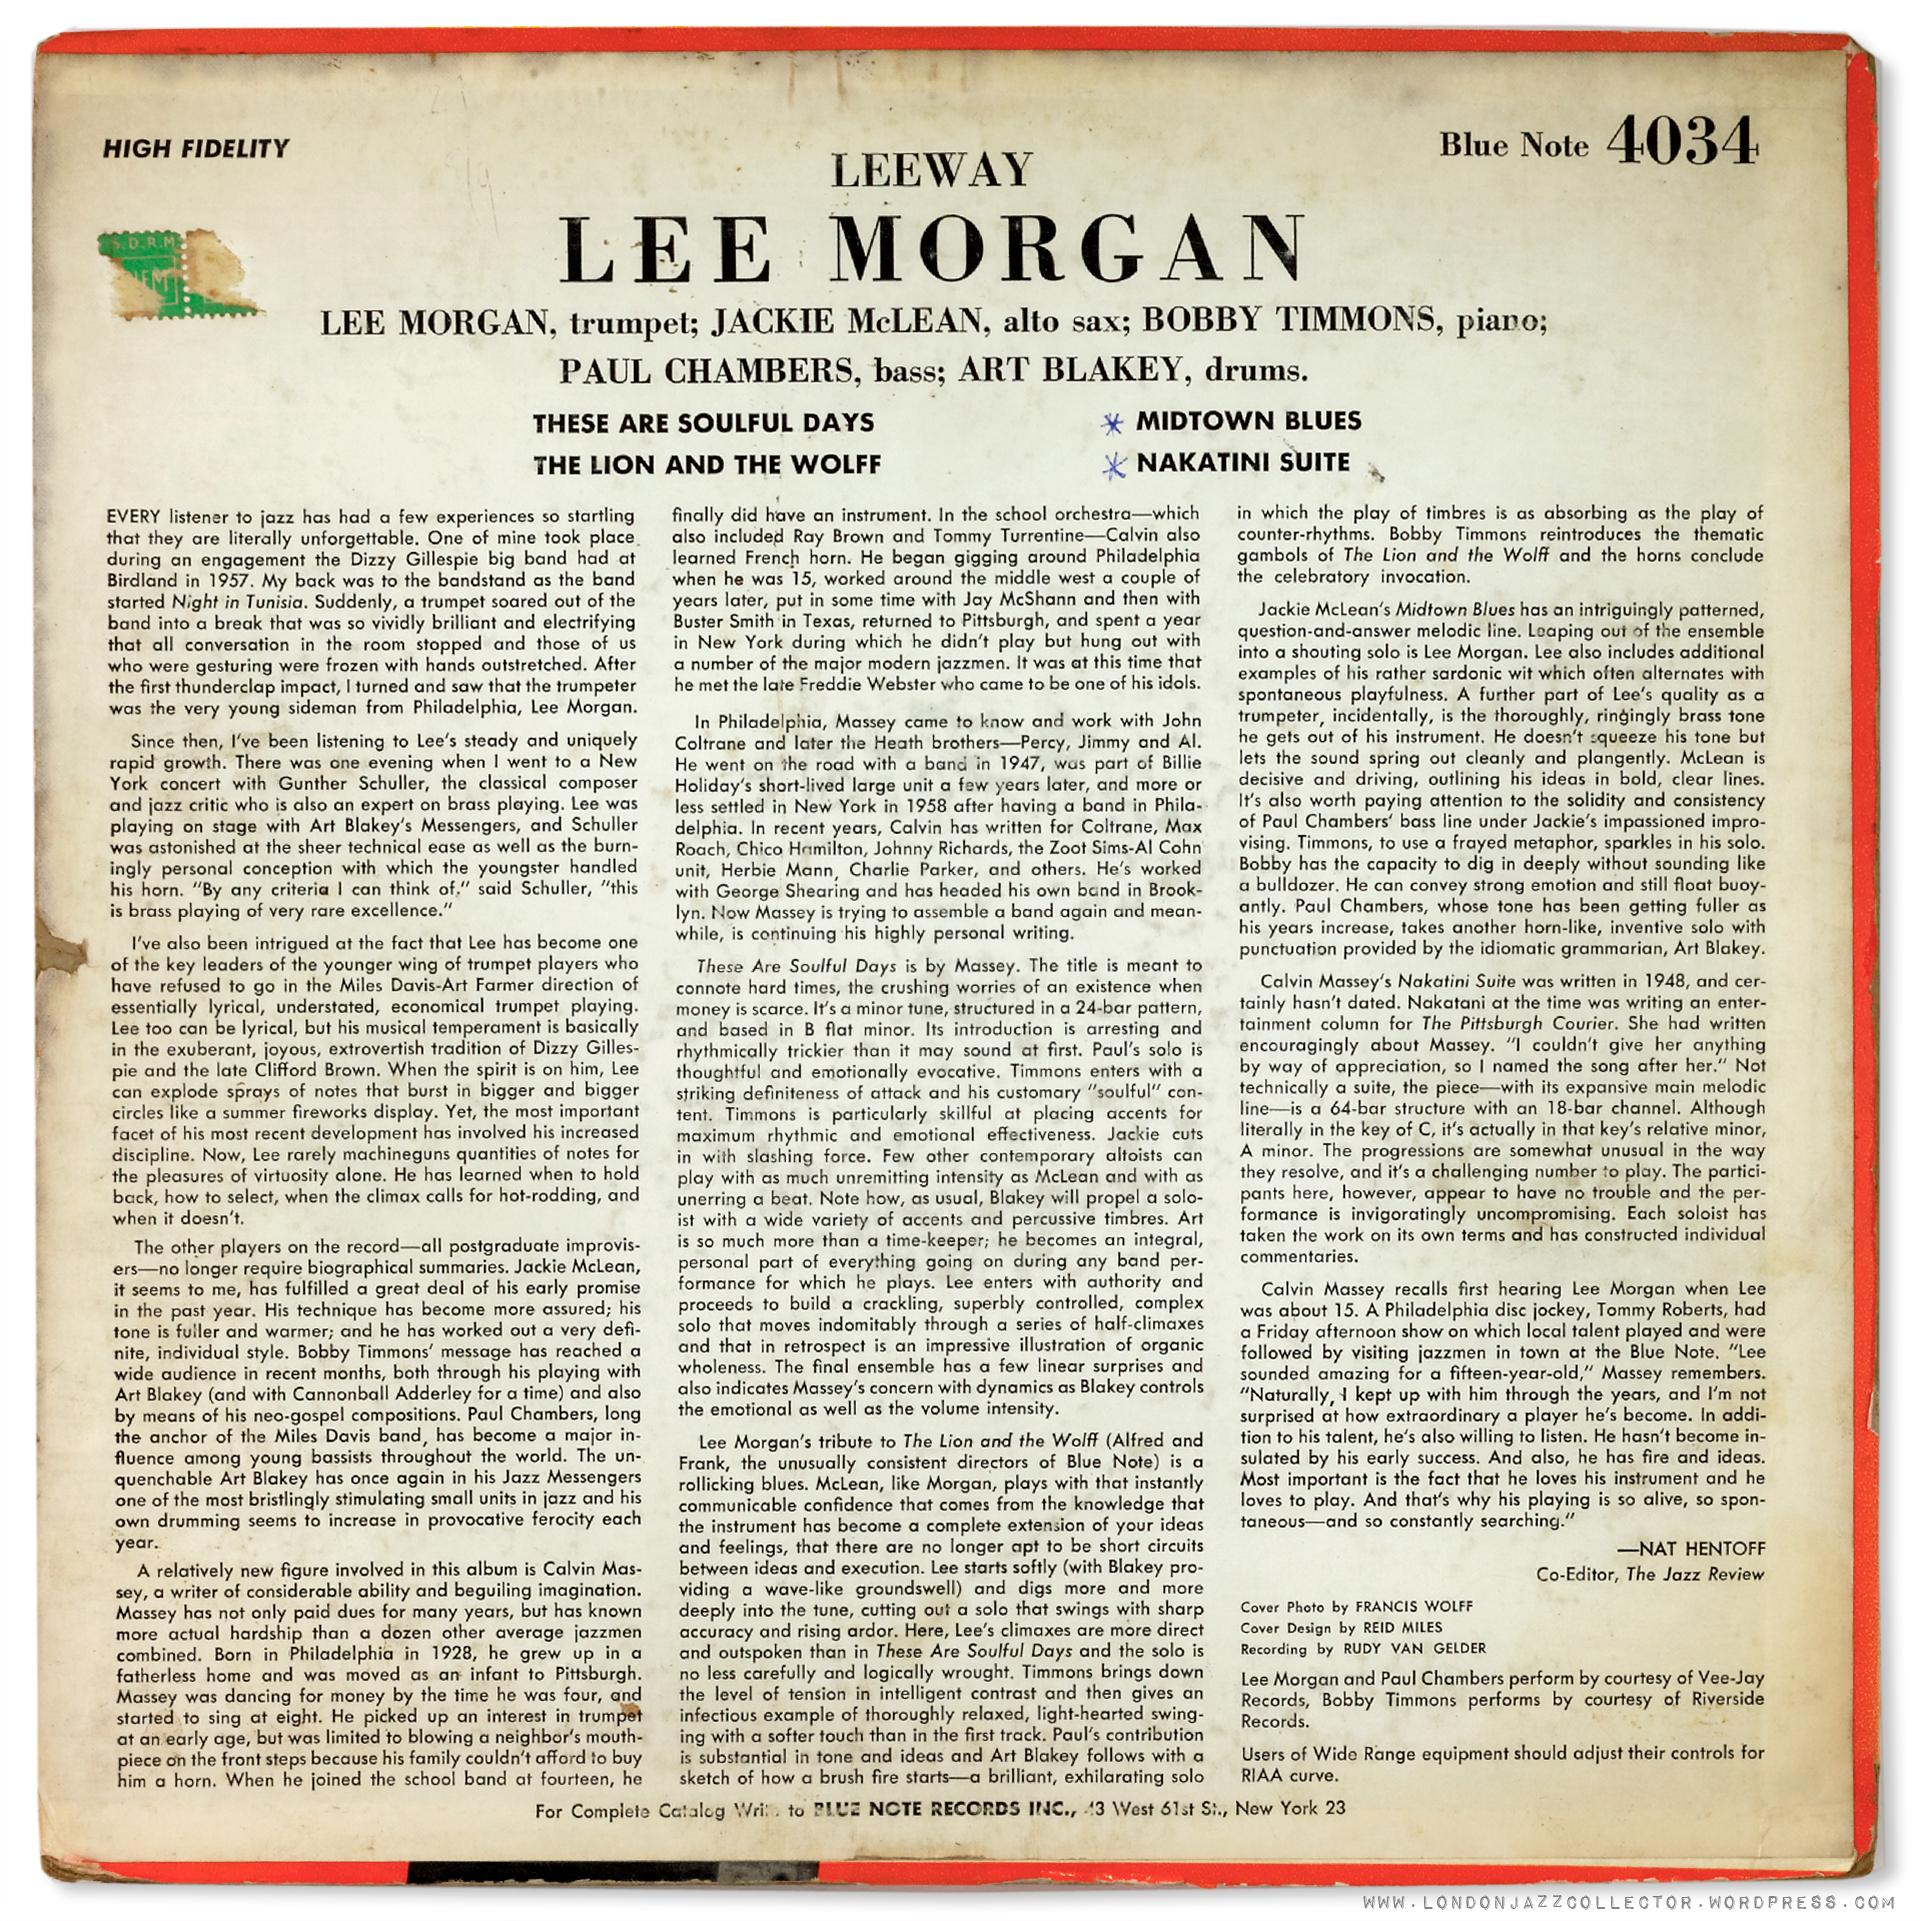 4034 Lee Morgan Lee Way Bk 1920 Ljc Londonjazzcollector